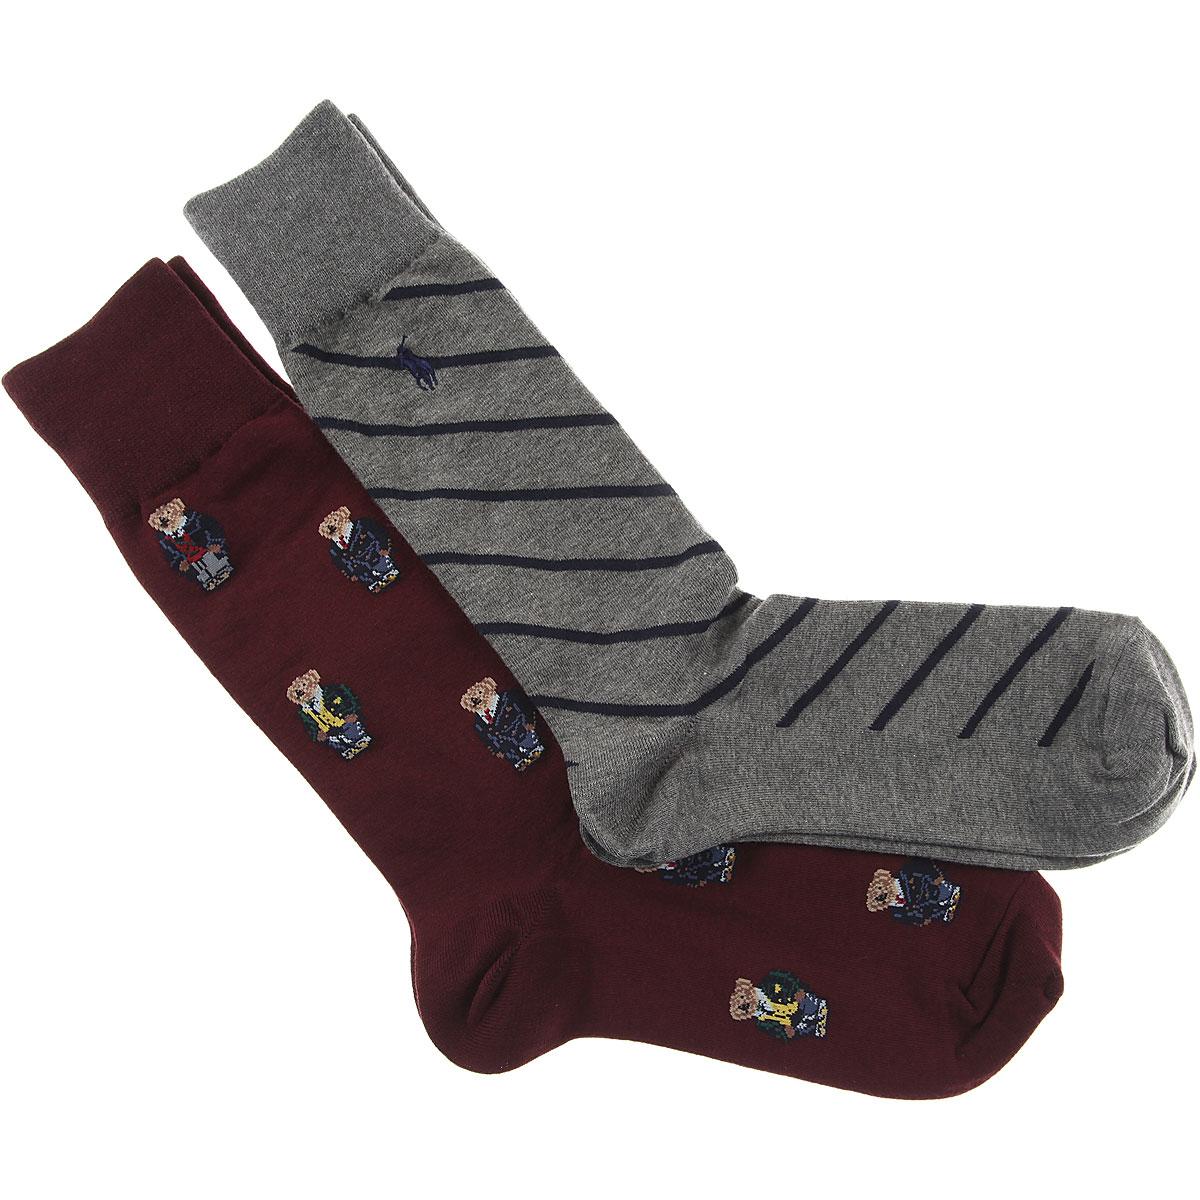 Ralph Lauren Socks Socks for Men, 2 Pack, Bordeaux, Cotton, 2019